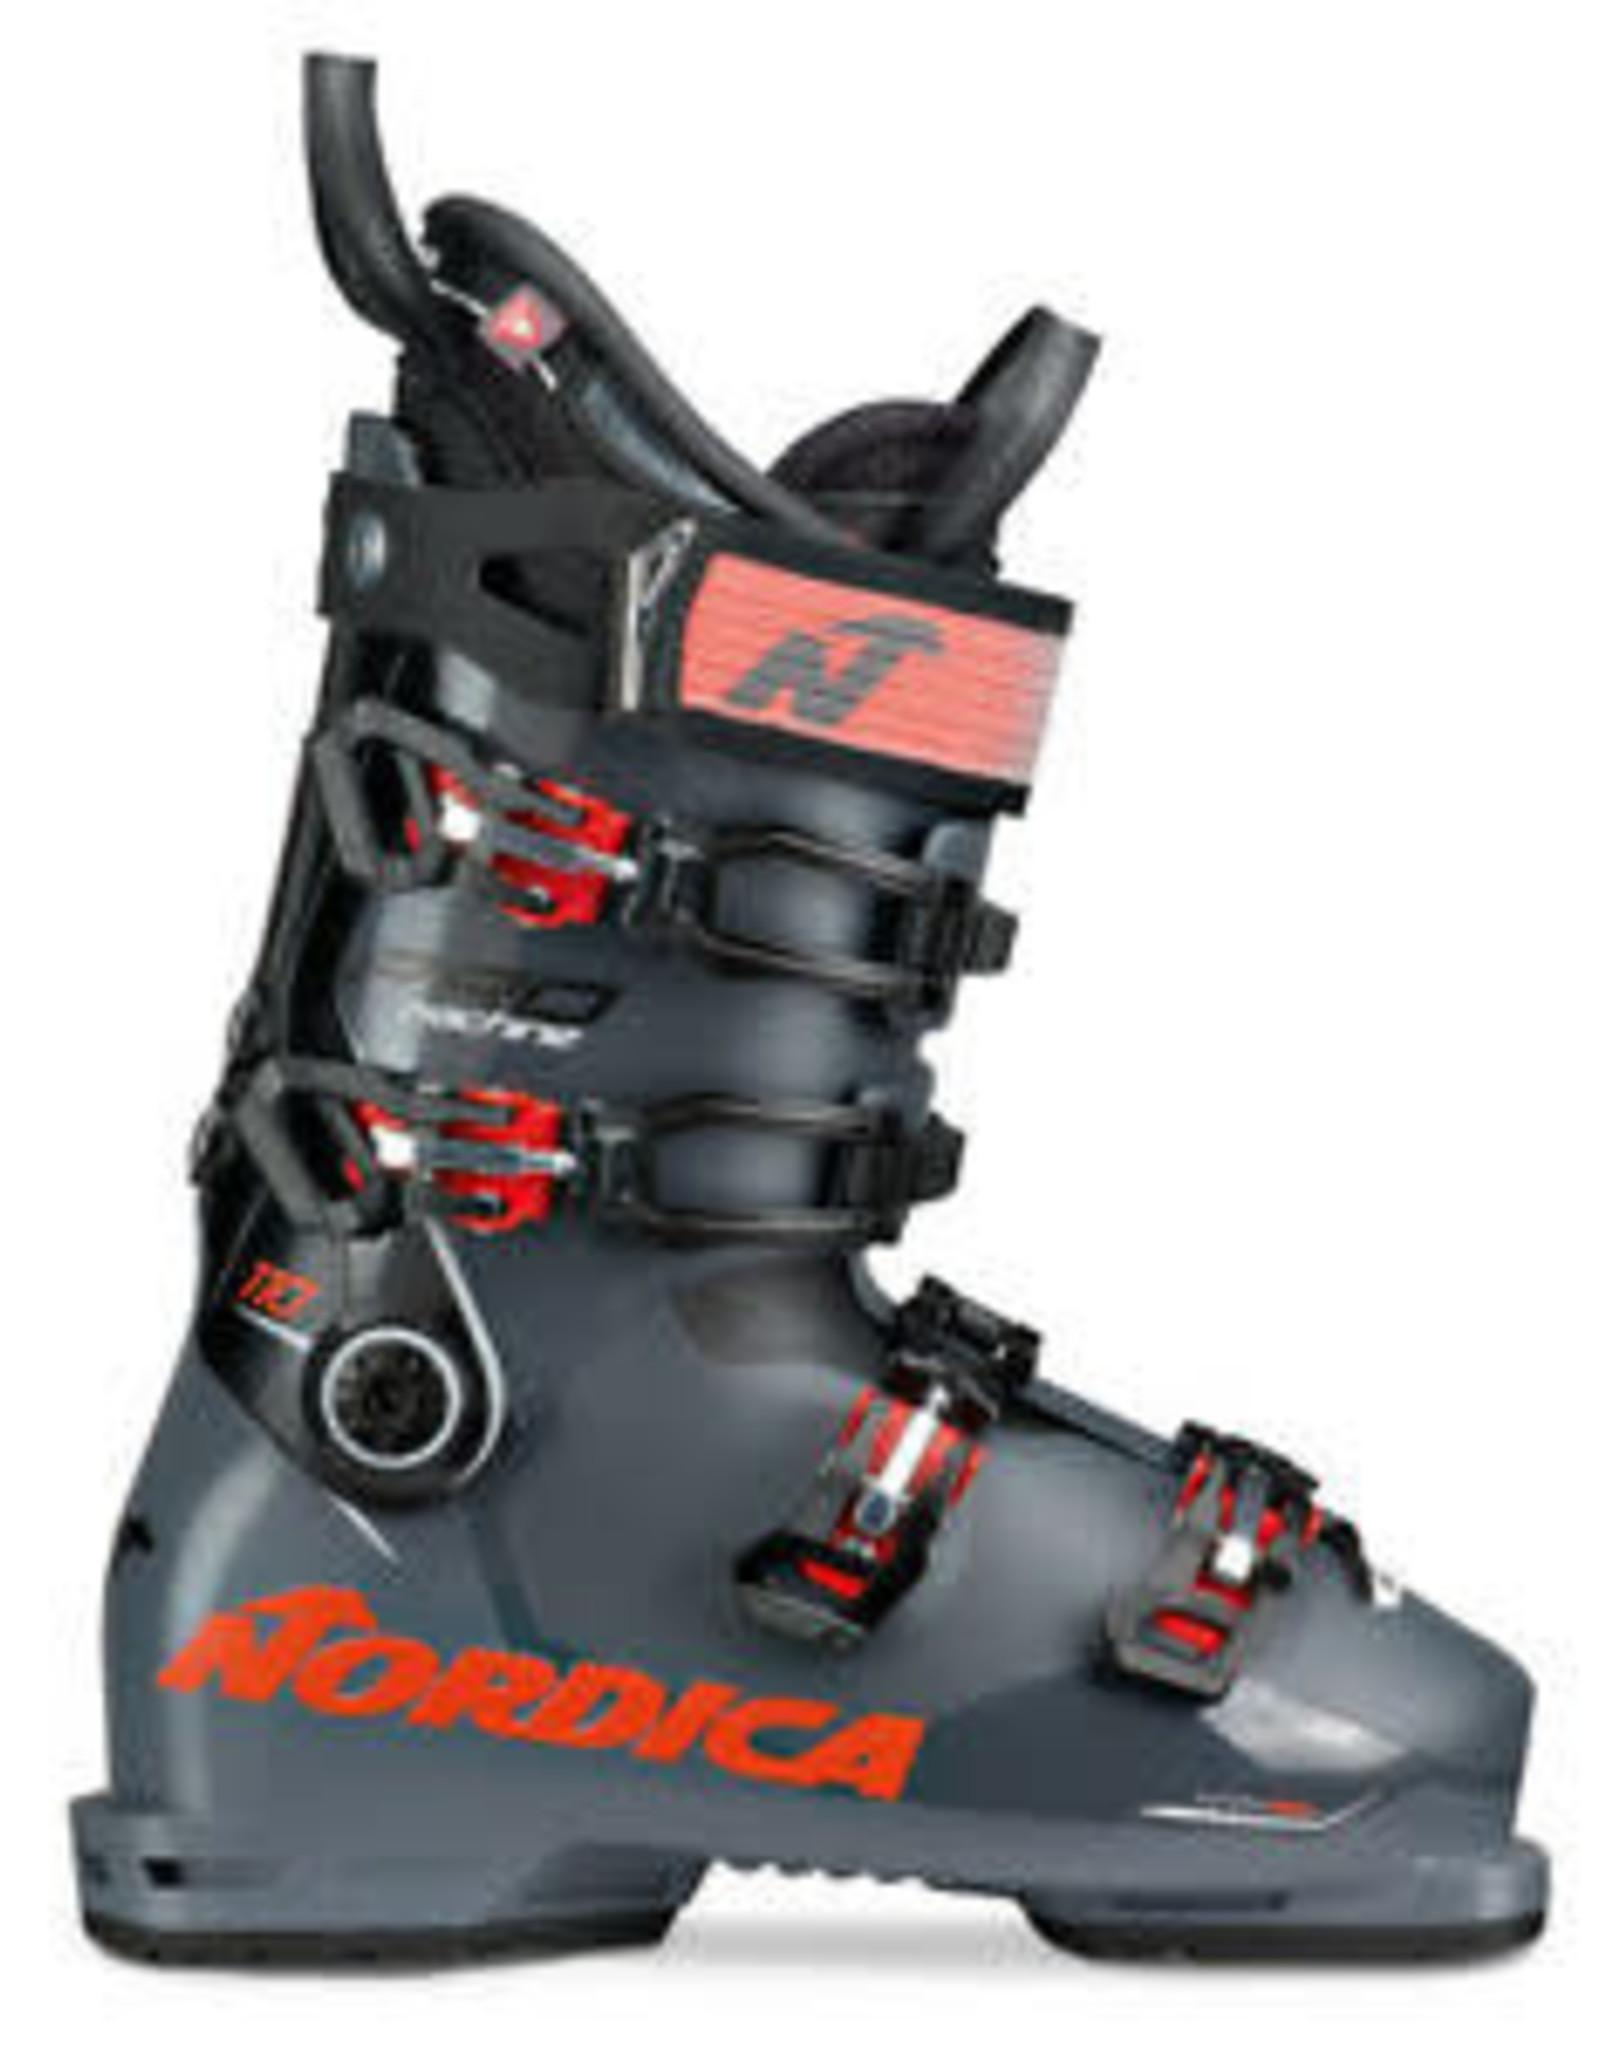 NORDICA NORDICA Ski Boots PRO MACHINE 110 (20/21)